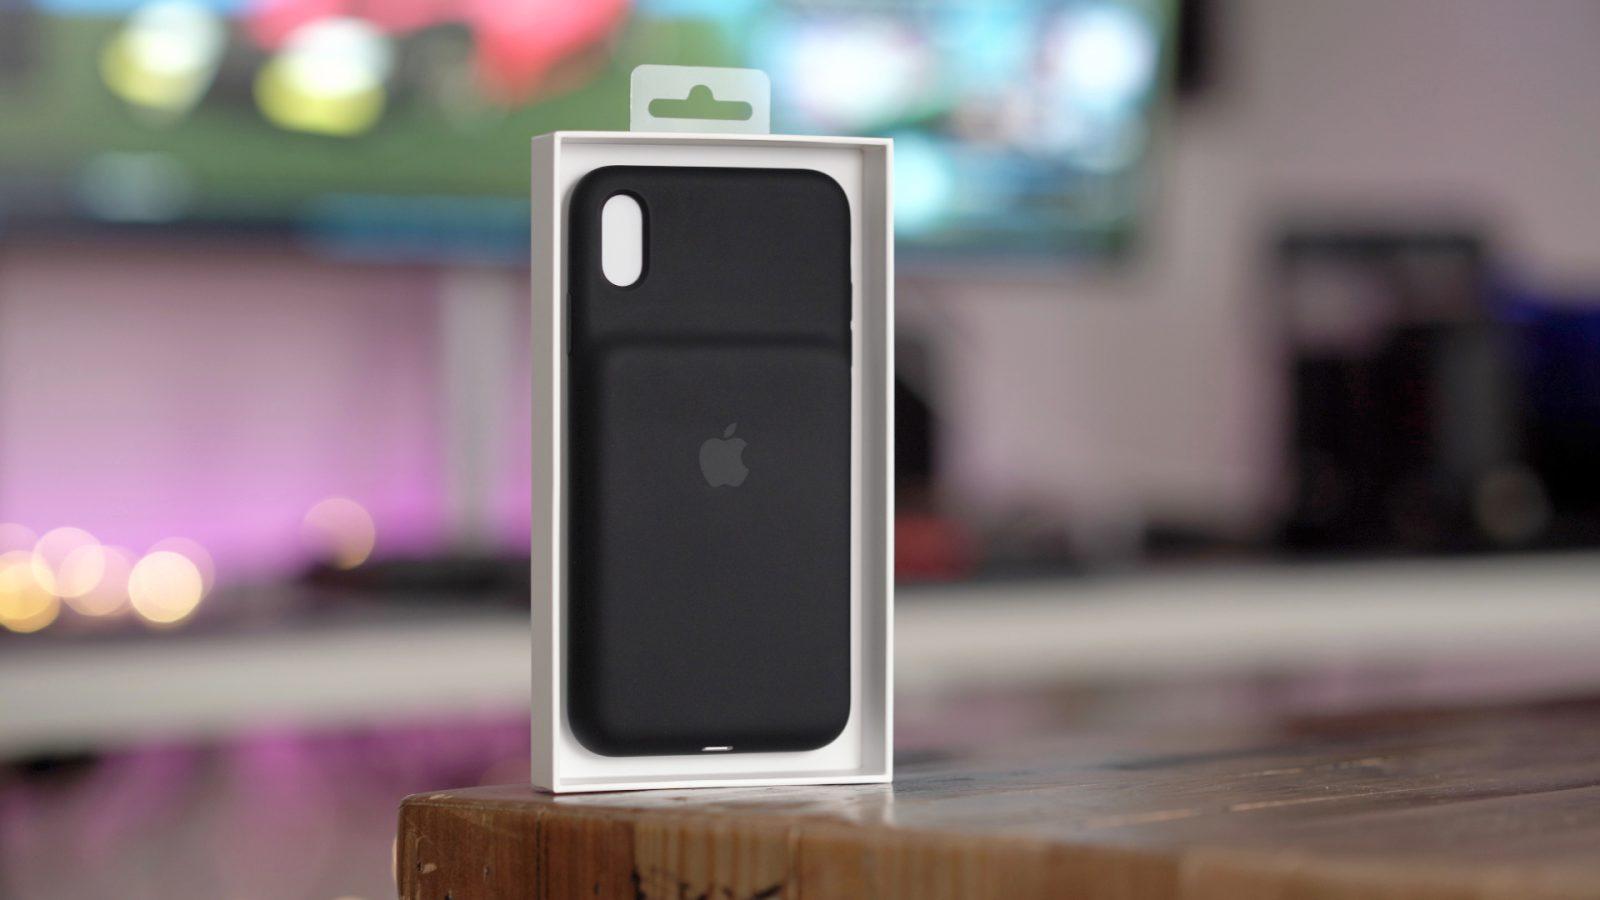 Apple преувеличила показатели чехлов-аккумуляторов нового поколения - фото 1 | Сервисный центр Total Apple